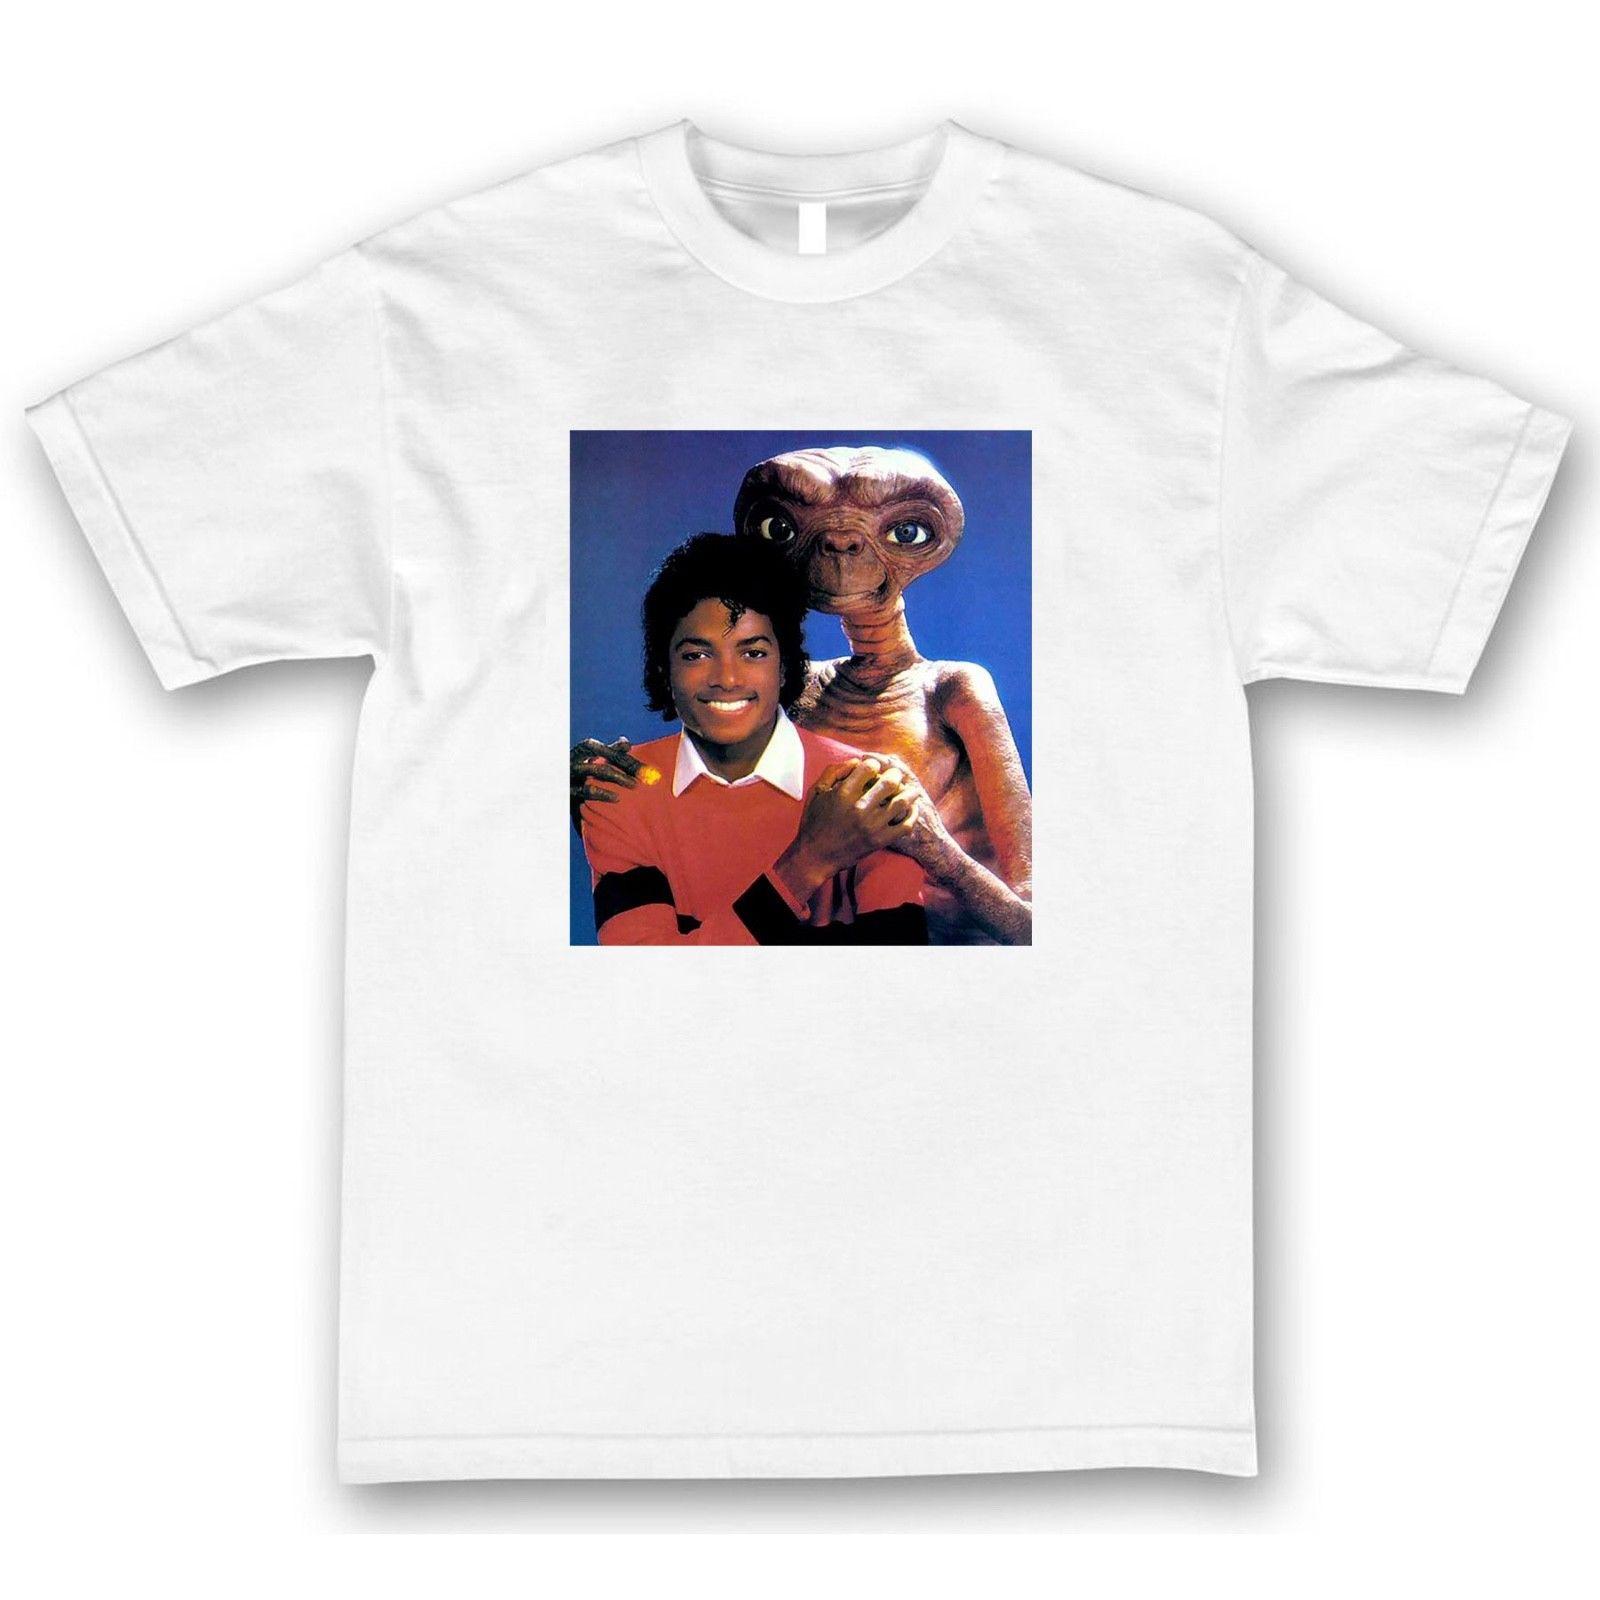 Camiseta de Michael Jackson y E.T Camisetas Retro Thriller 100% algodón a estrenar camisetas